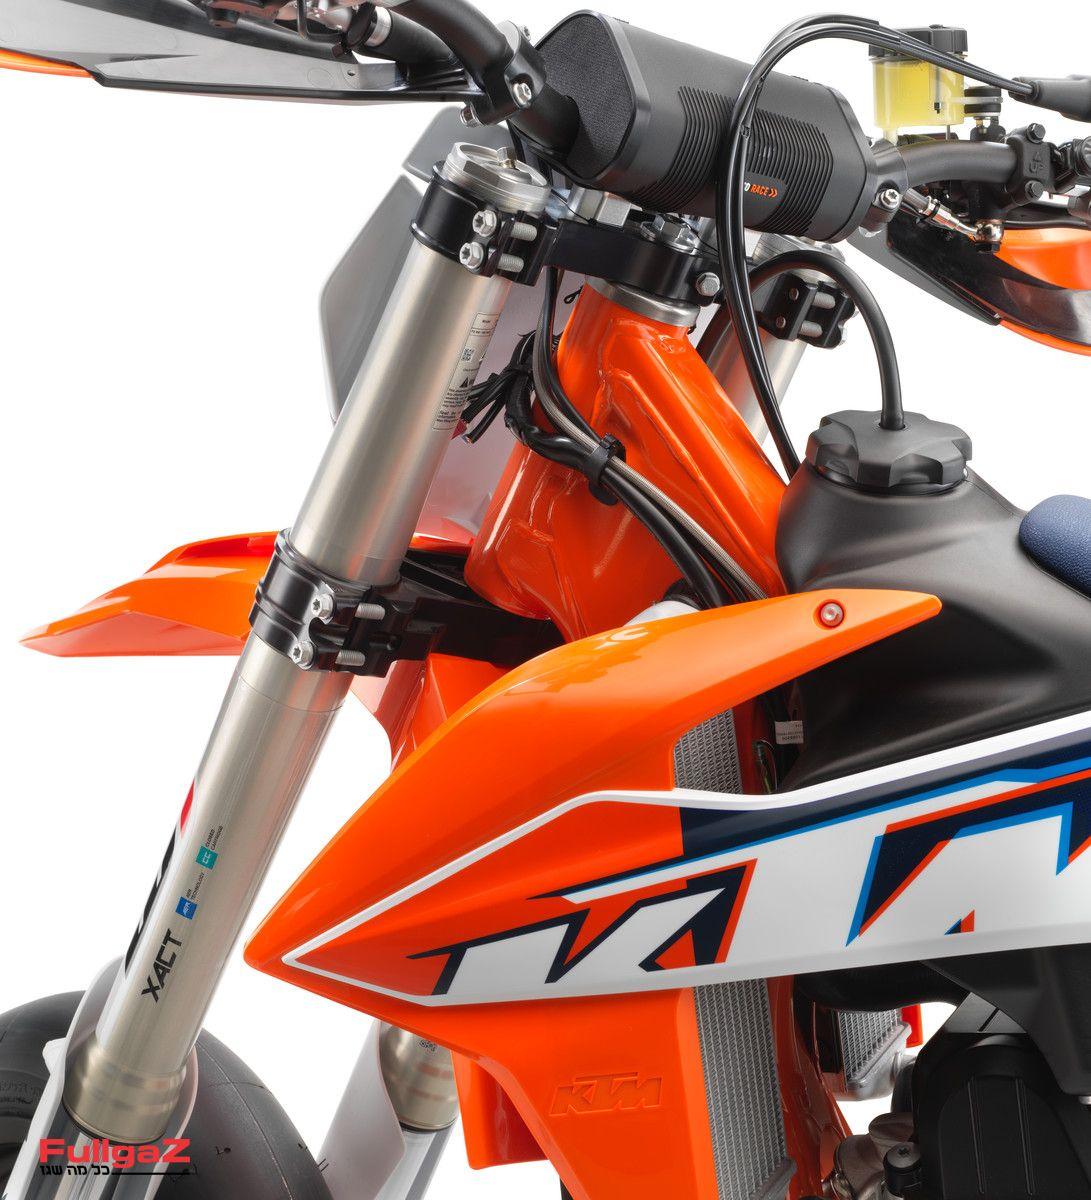 KTM-450-SMR-2022-04